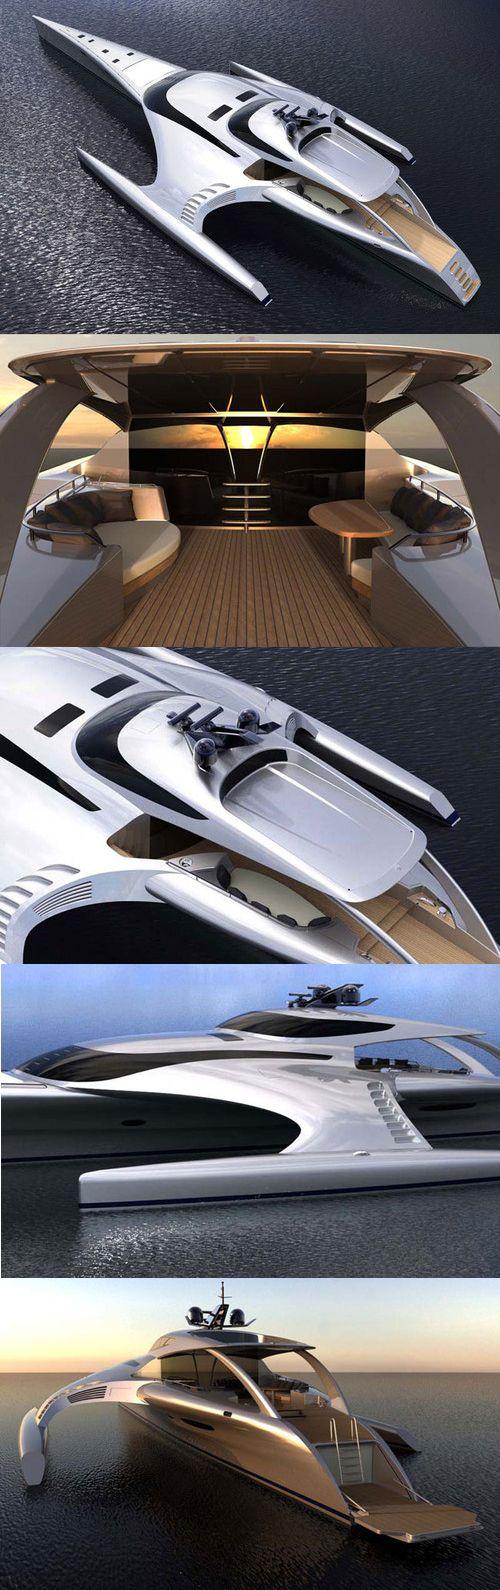 ♂ Adastra Trimaran Super Yacht Concept Yacht from http://psipunk.com/adastra-trimaran-super-yacht/